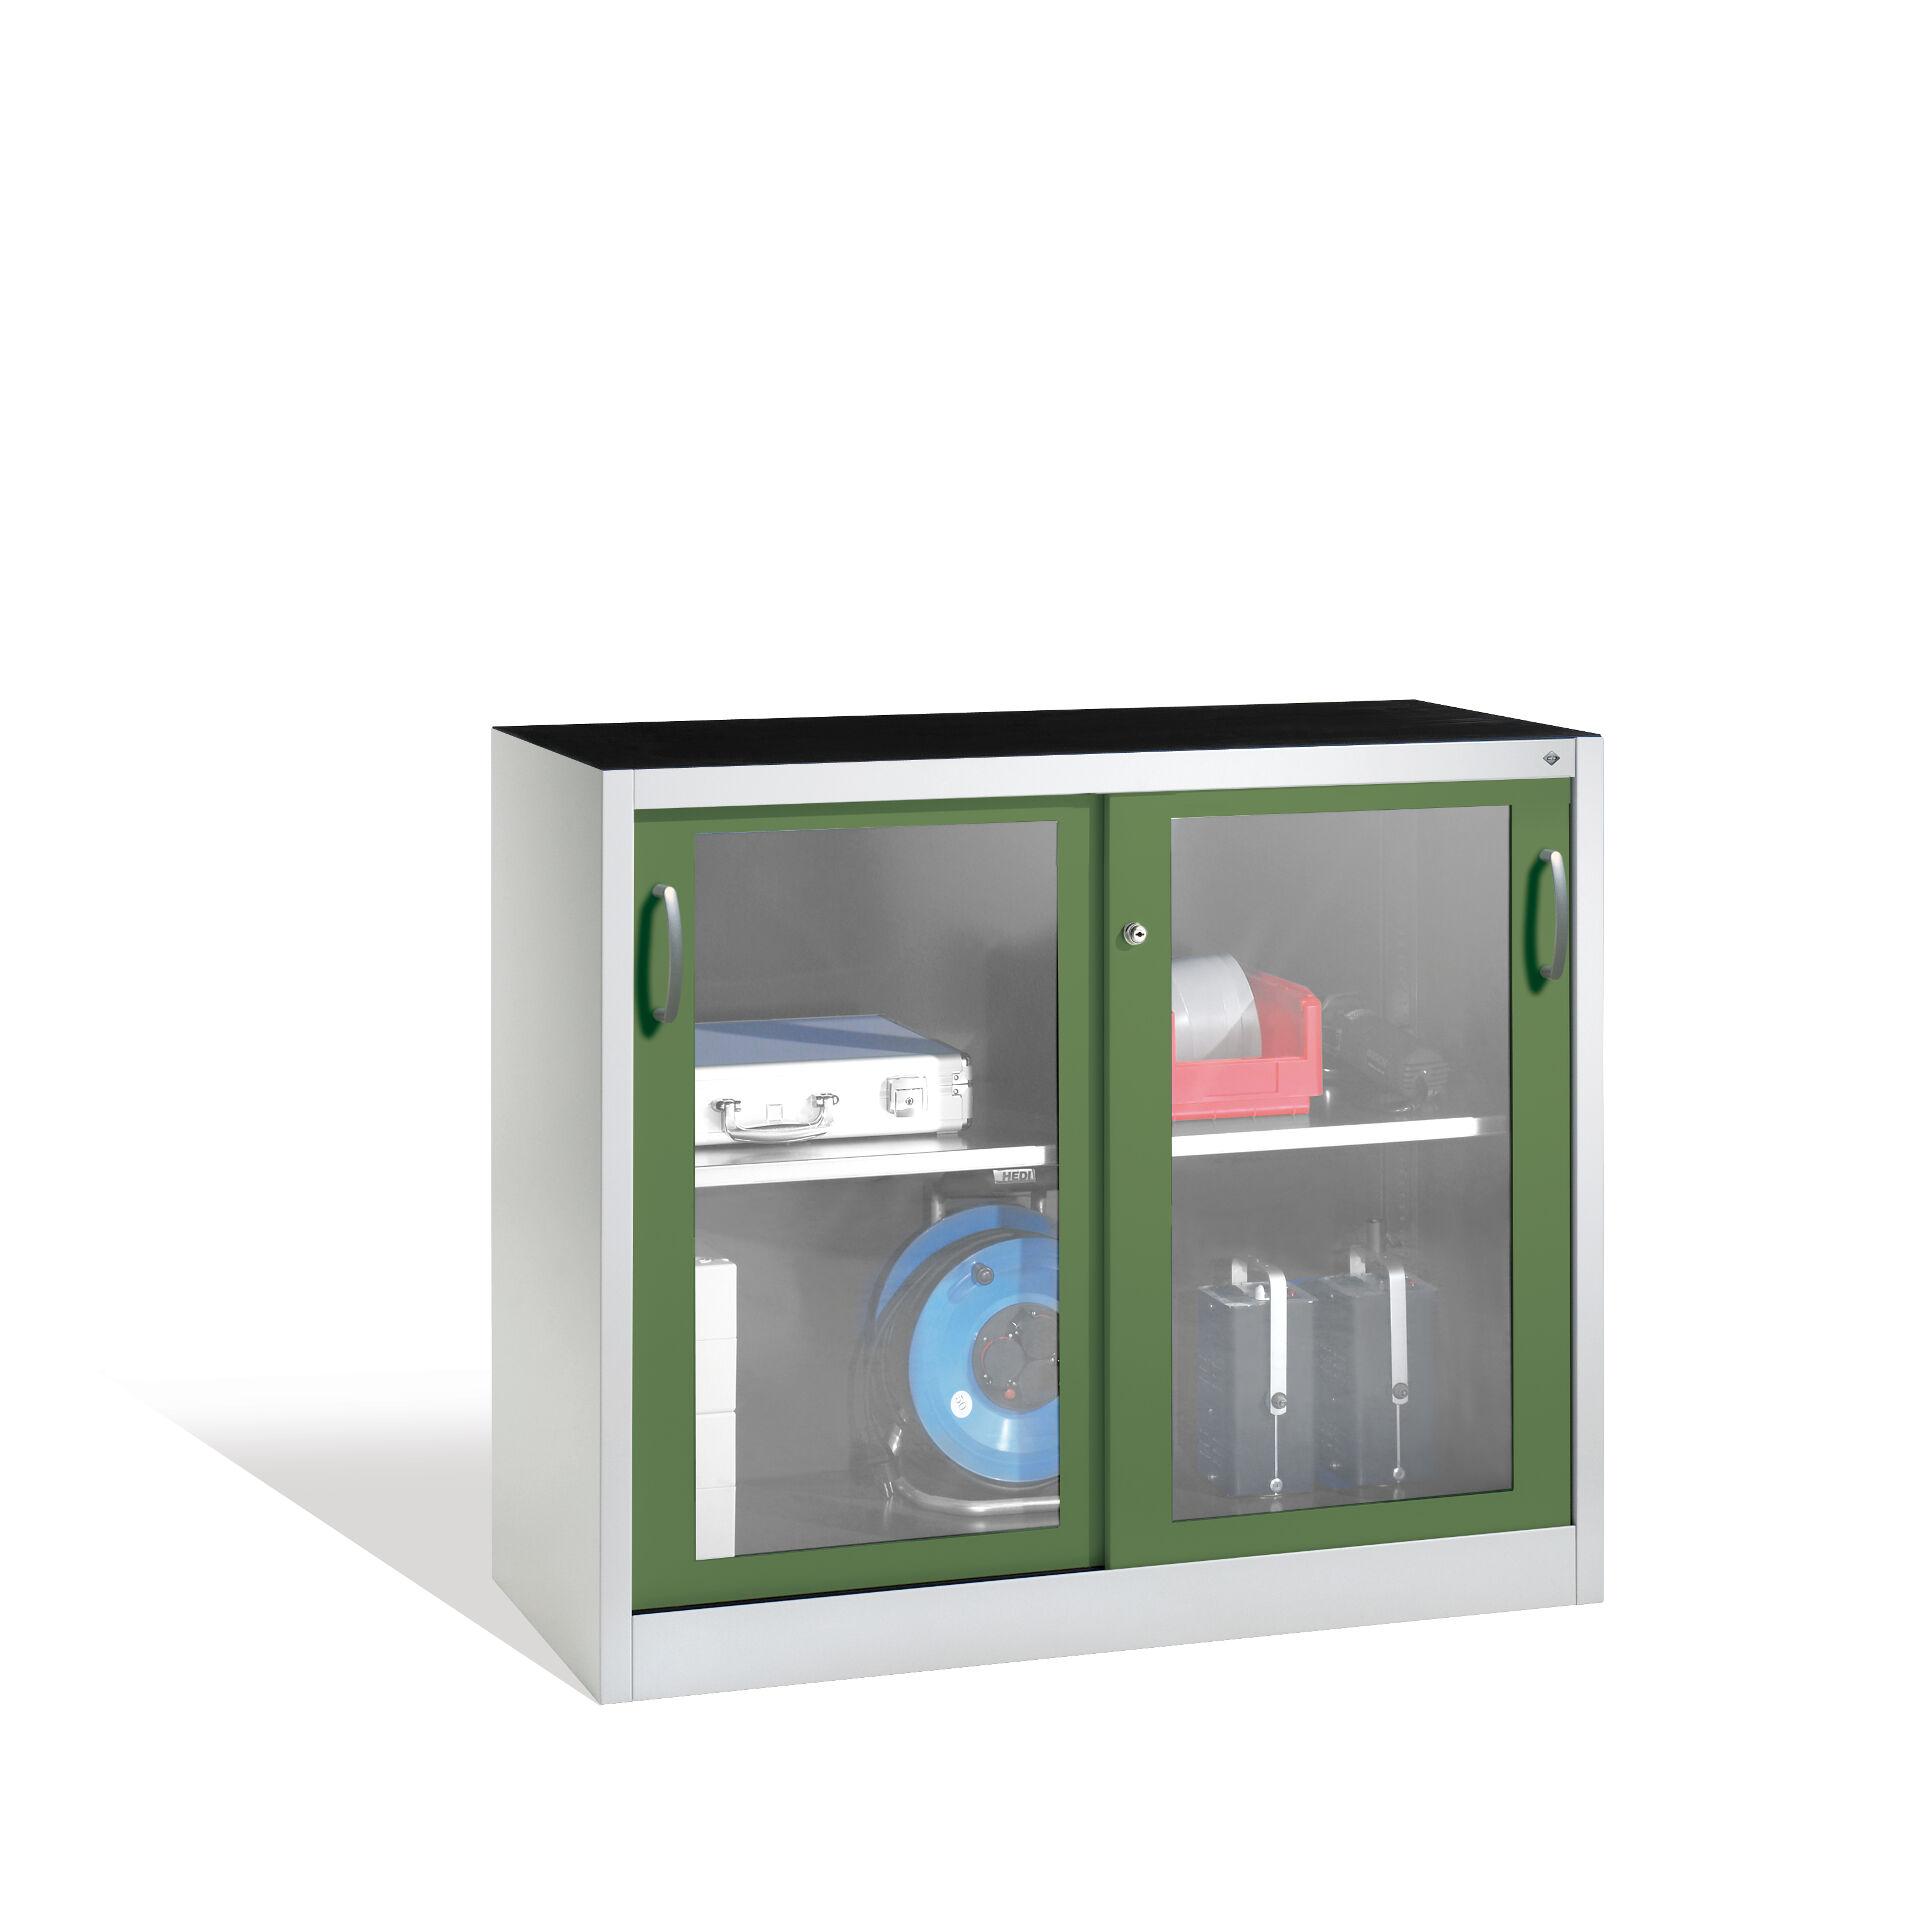 werkzeugschrank mit sichtfenster schiebet ren 1 boden h1000xb1200xt500mm 2056 055 lindauer. Black Bedroom Furniture Sets. Home Design Ideas